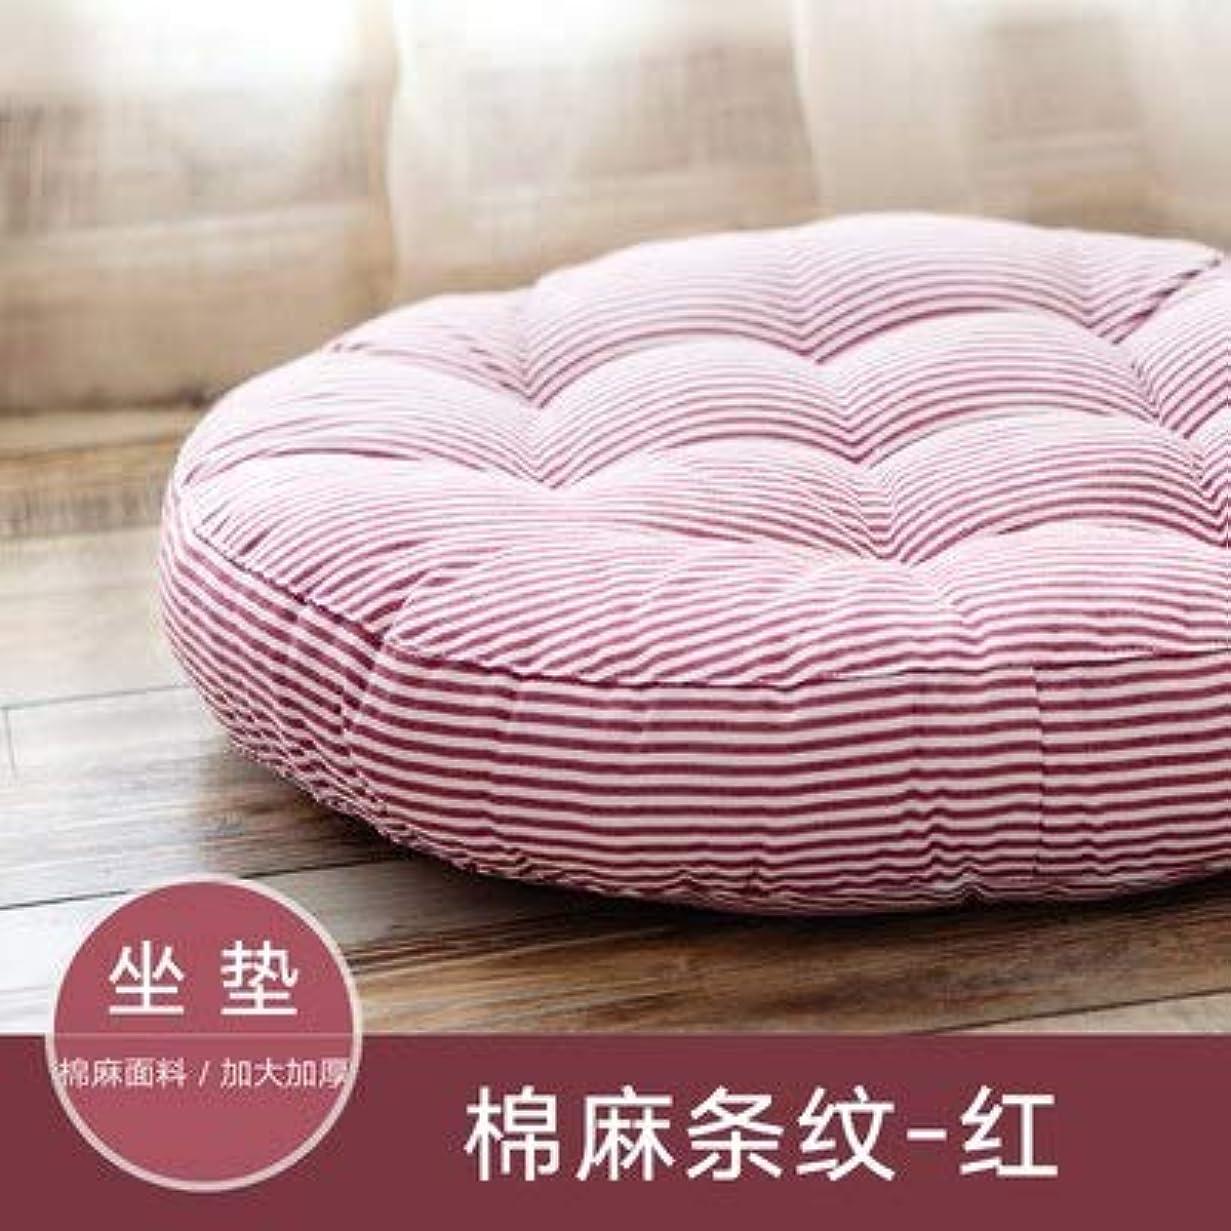 恐れる突破口防止LIFE ラウンド厚い椅子のクッションフロアマットレスシートパッドソフトホームオフィスチェアクッションマットソフトスロー枕最高品質の床クッション クッション 椅子